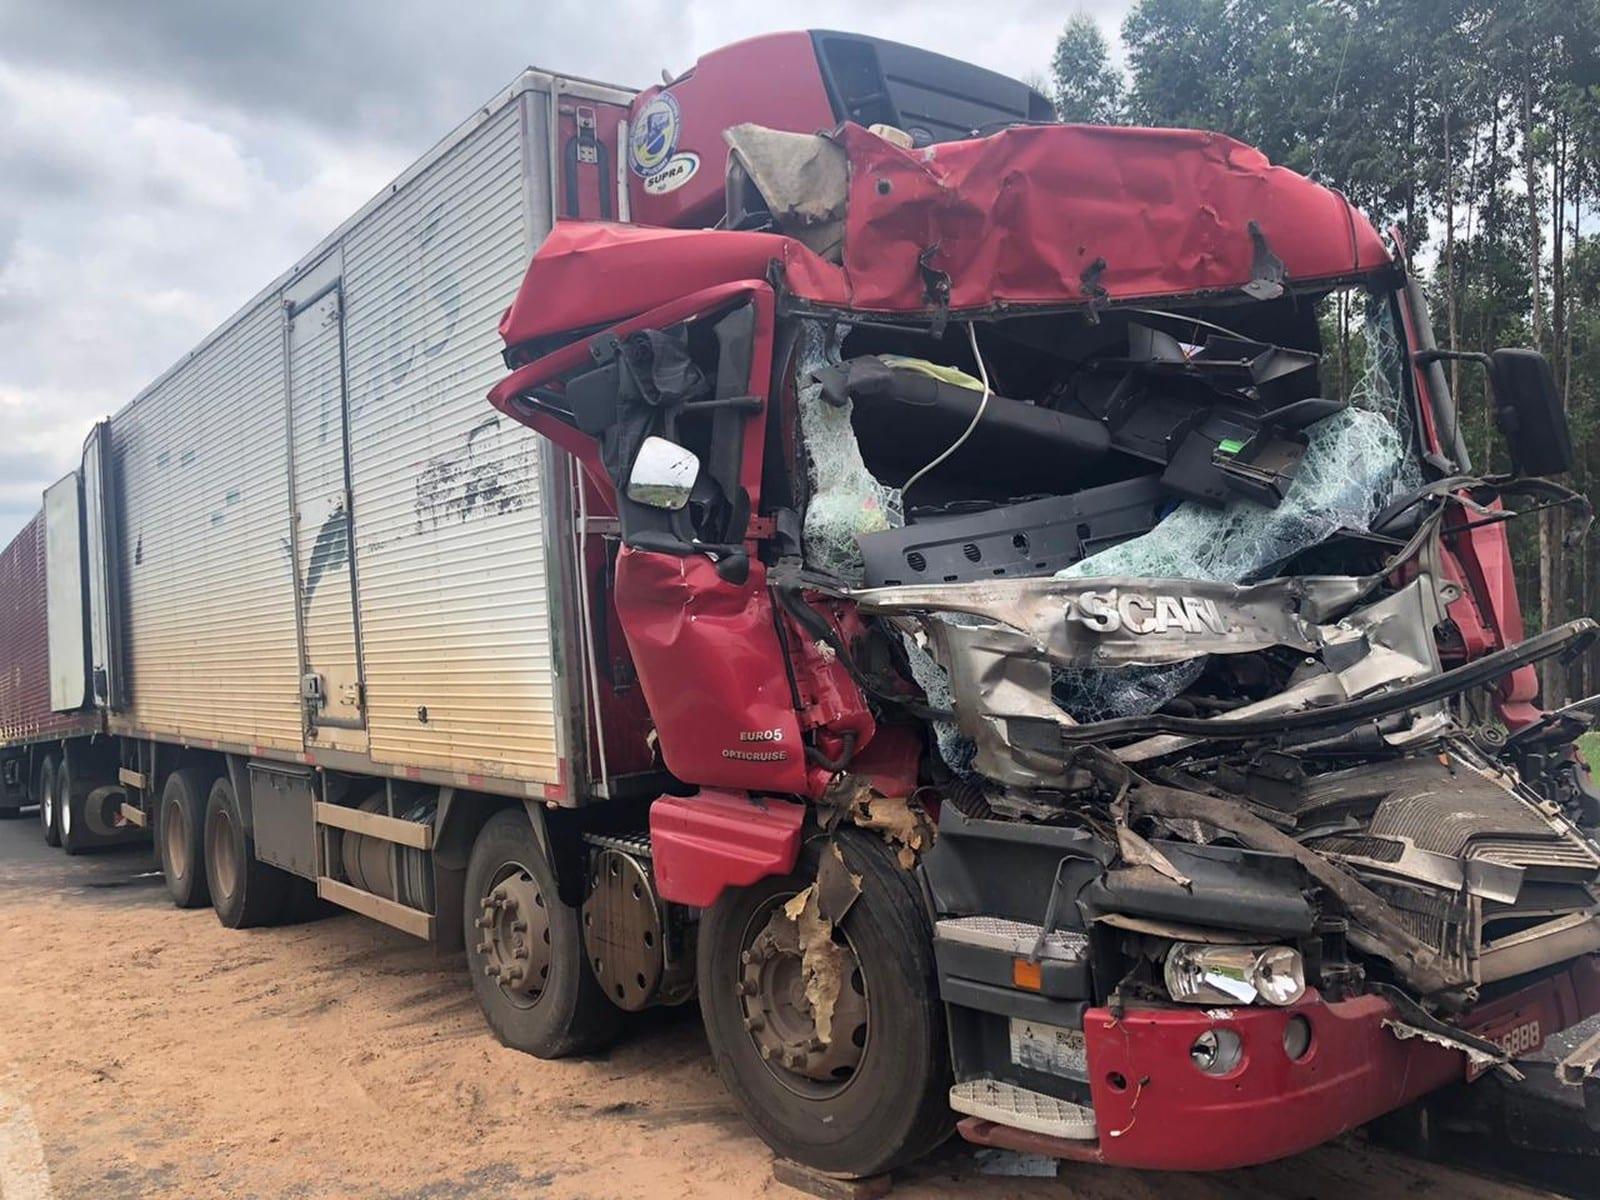 Cabine do caminhão ficou destruída após o acidente na SP-294 entre Oriente e Pompeia — Foto: Indianara Campos / TV TEM